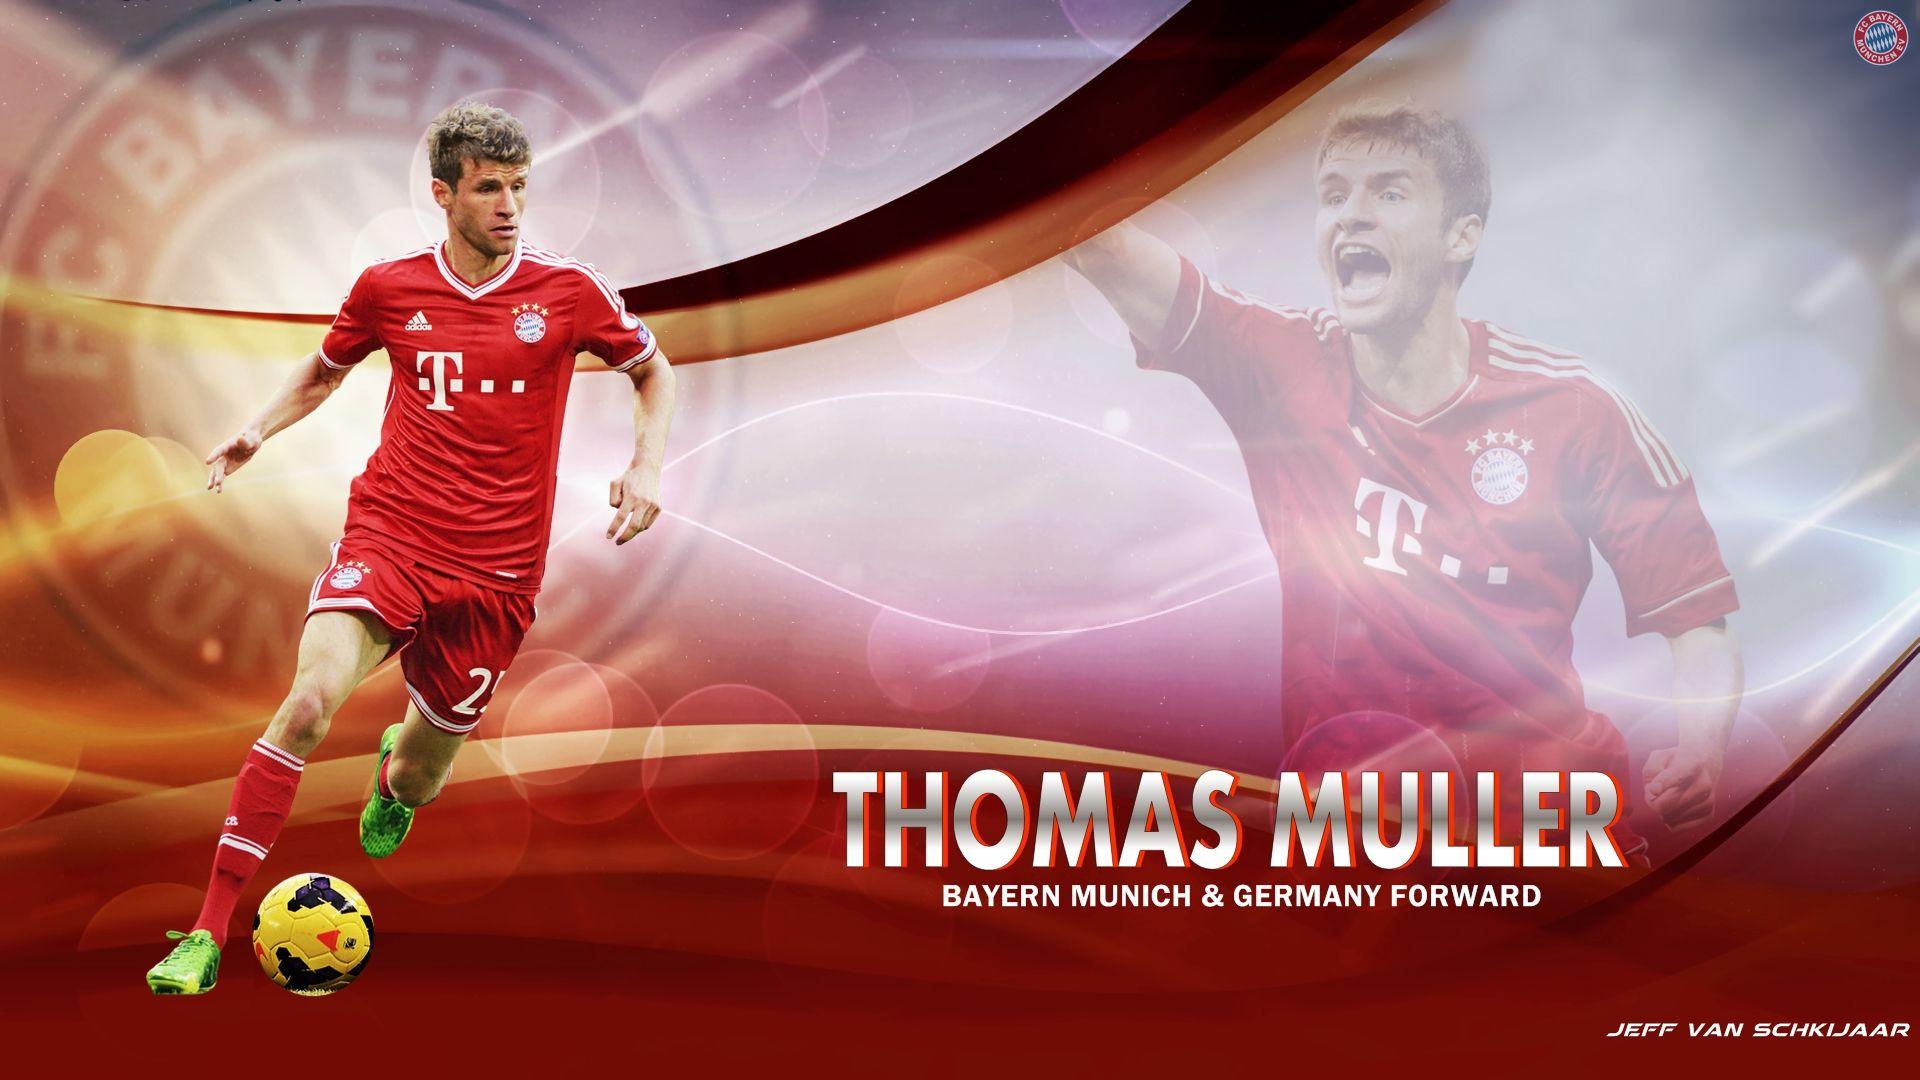 بیوگرافی توماس مولر - Thomas Müller